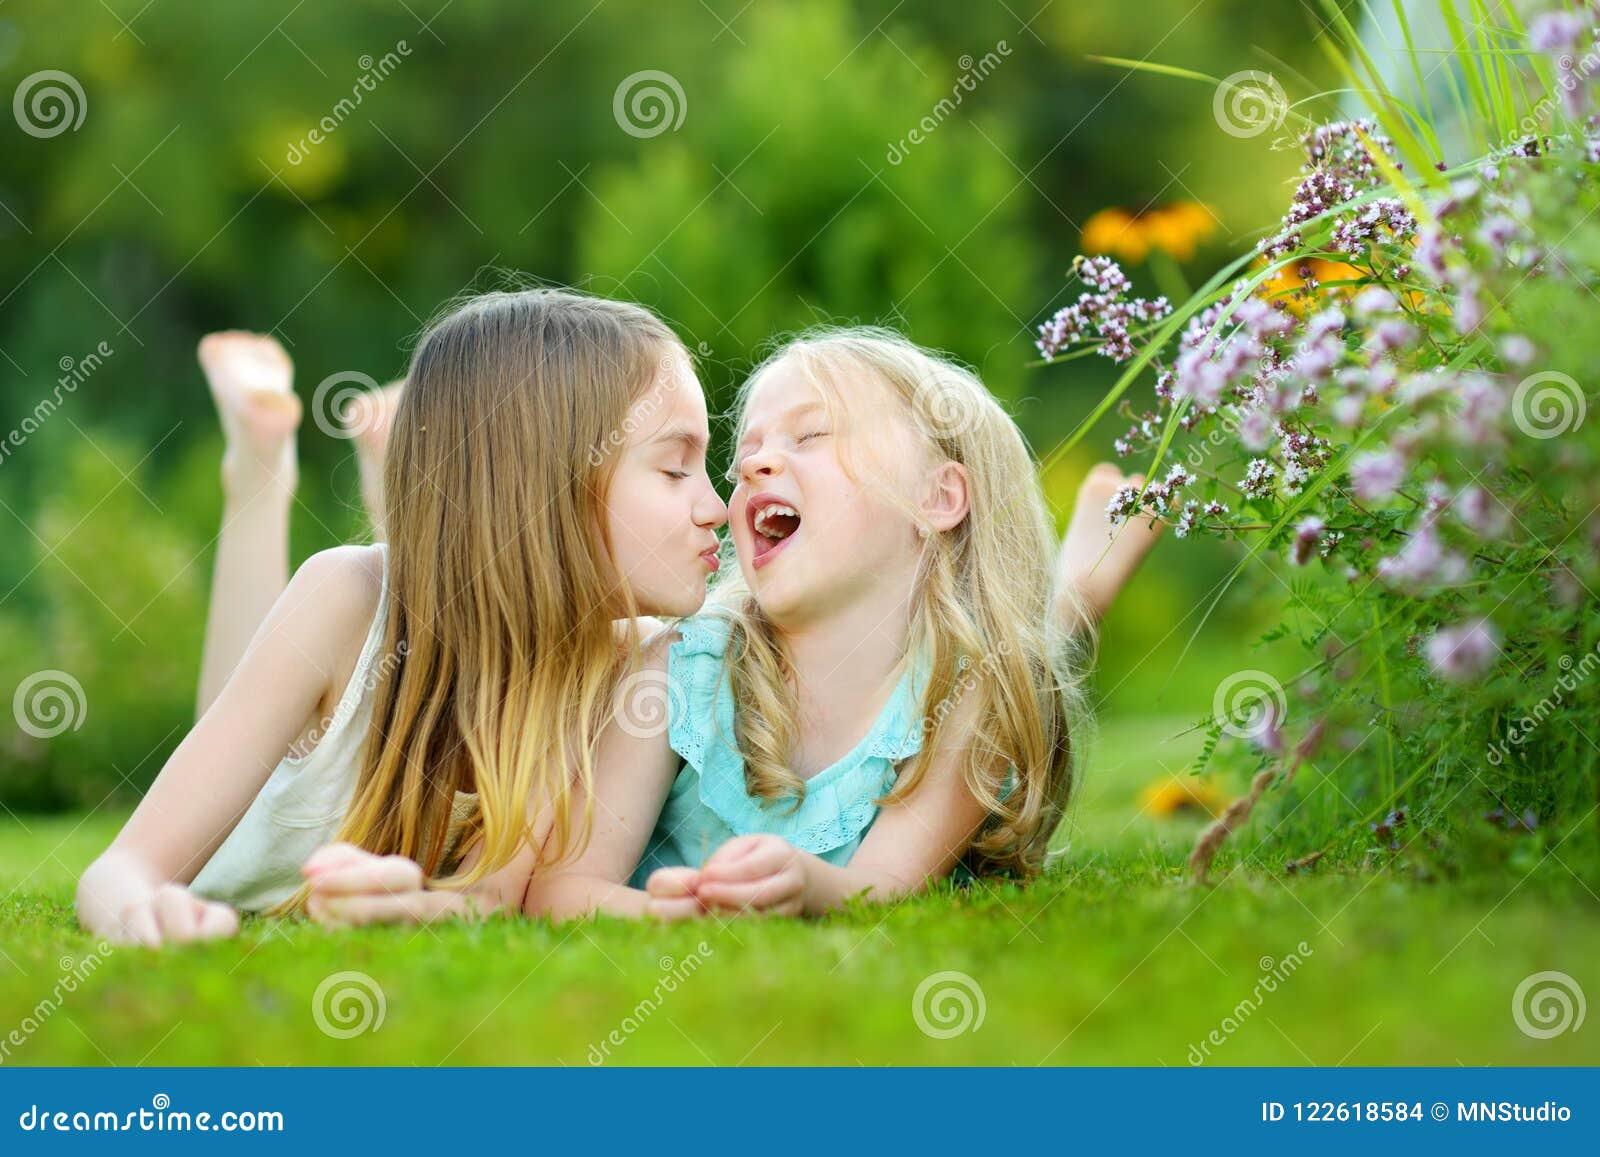 两个逗人喜爱的妹获得乐趣一起在草在一个晴朗的夏日